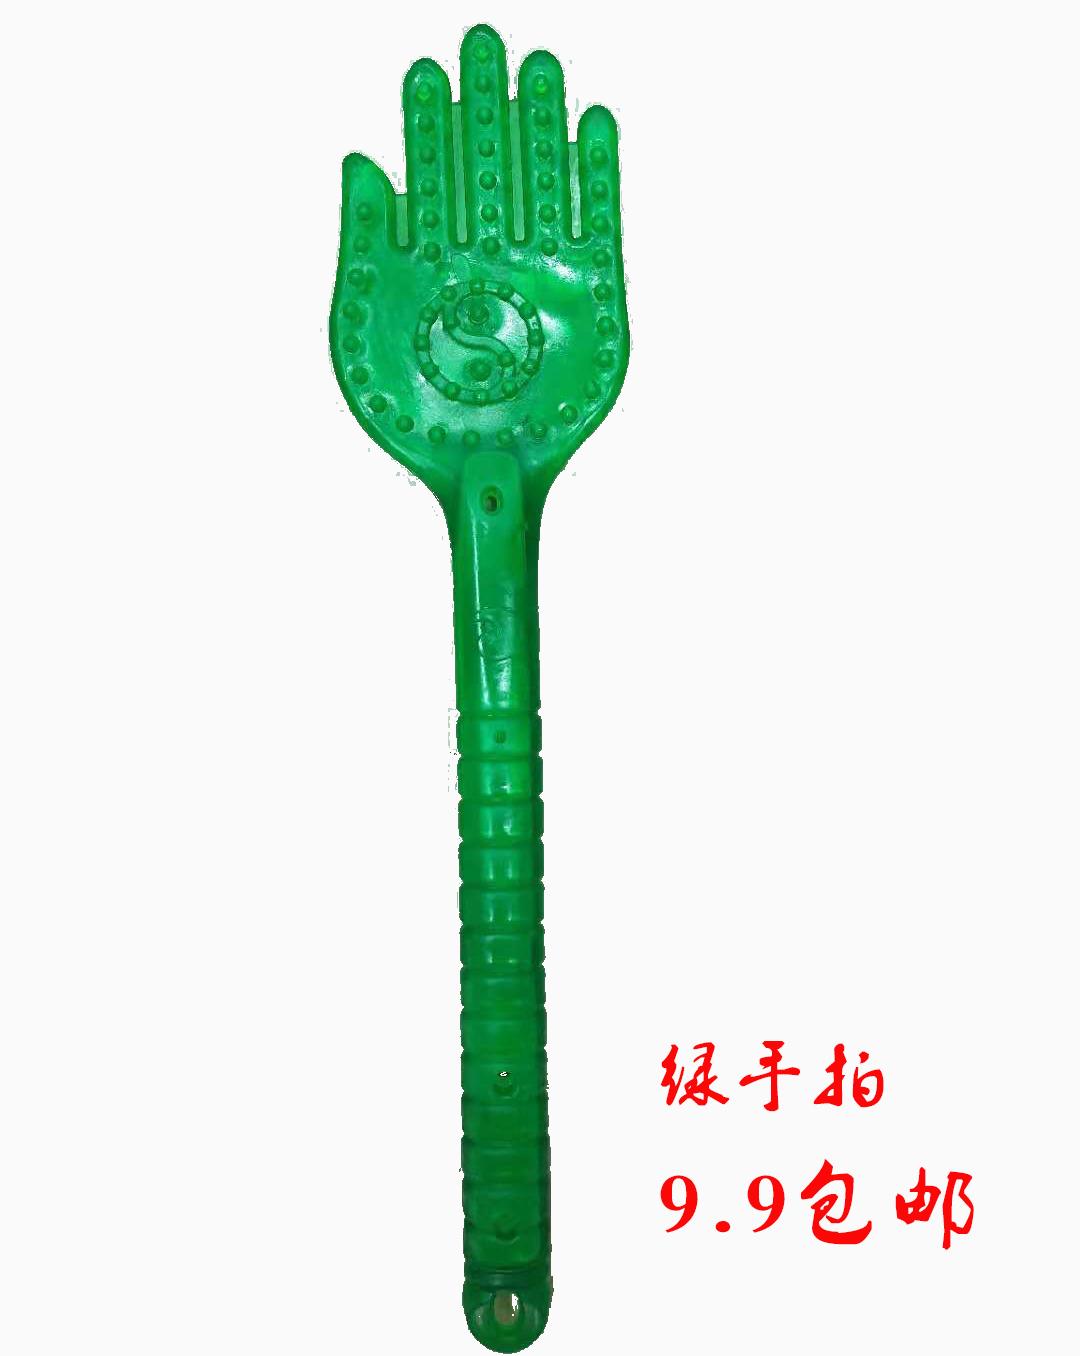 绿粉拍痧板拍砂手掌经络保健拍痧棒养生锤健康拍打硅胶按摩器敲打